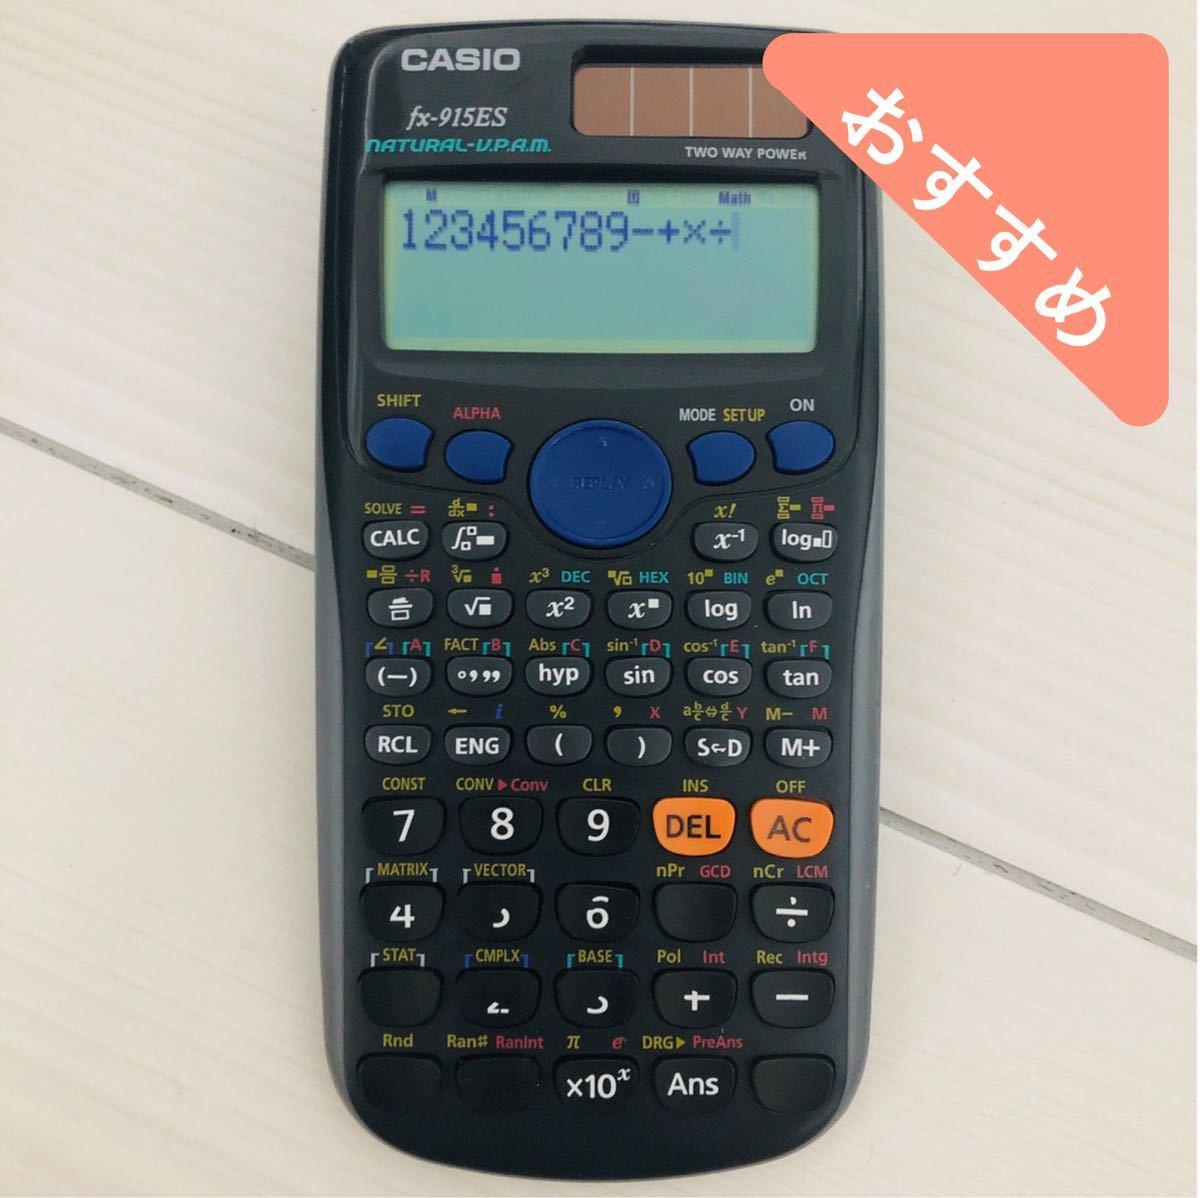 CASIO 関数電卓 黒 fx-915ES-BK